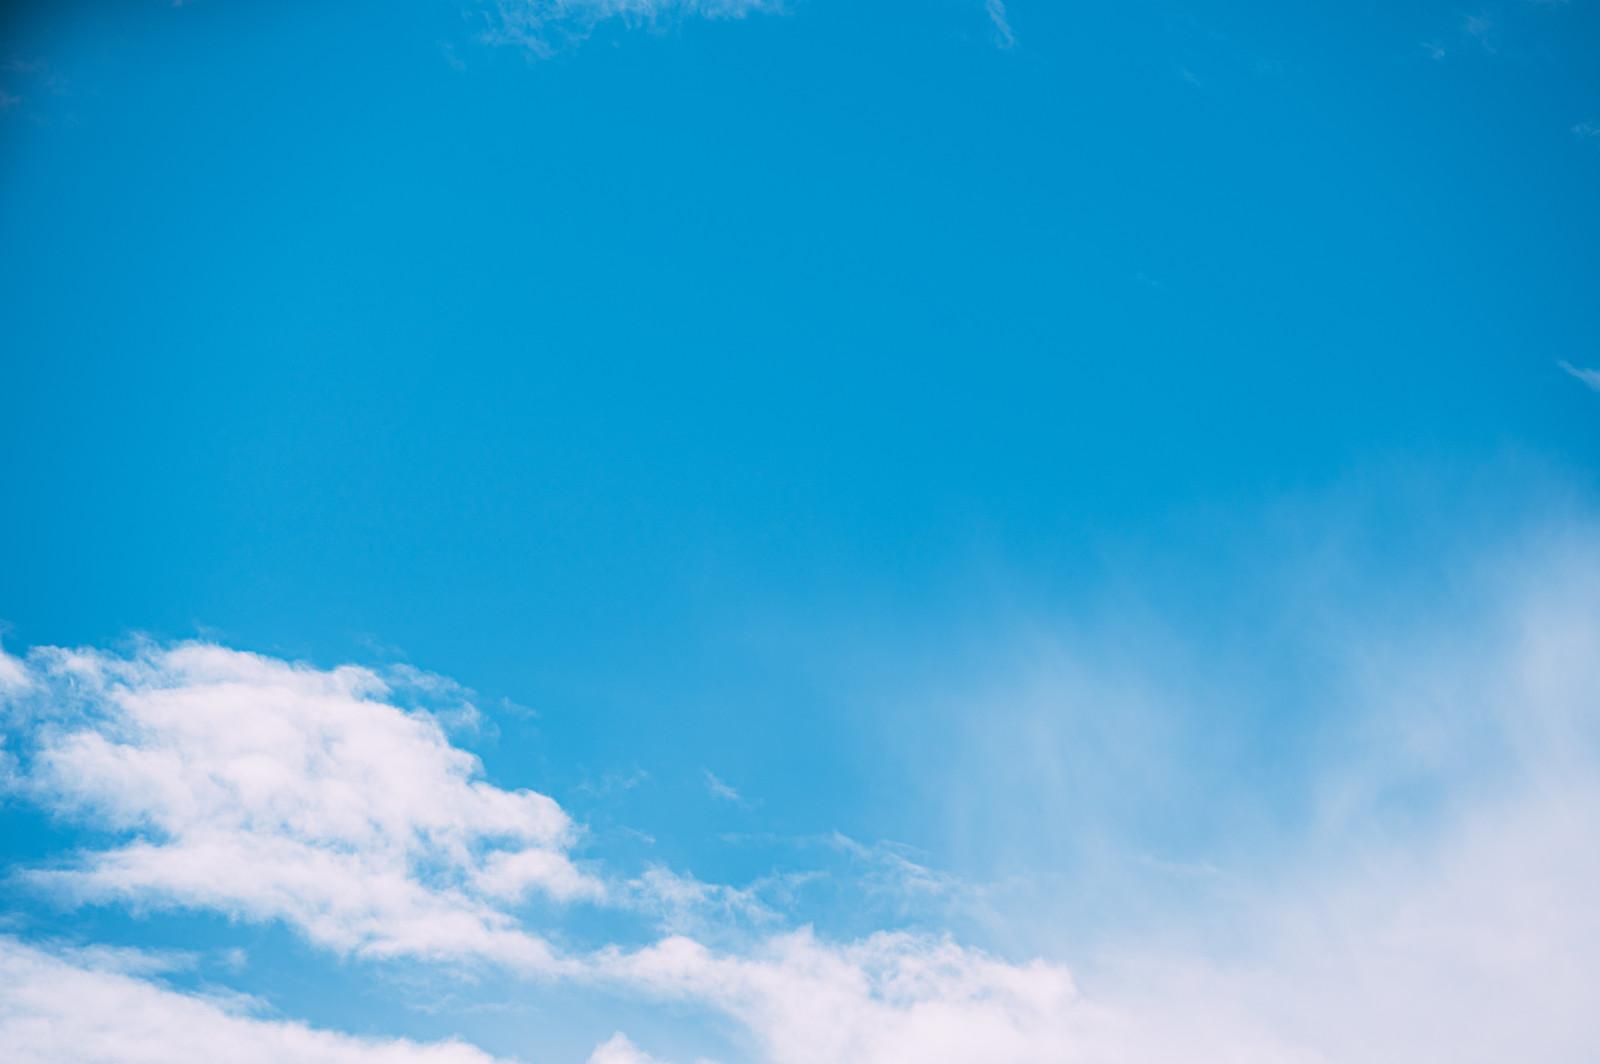 青空の画像